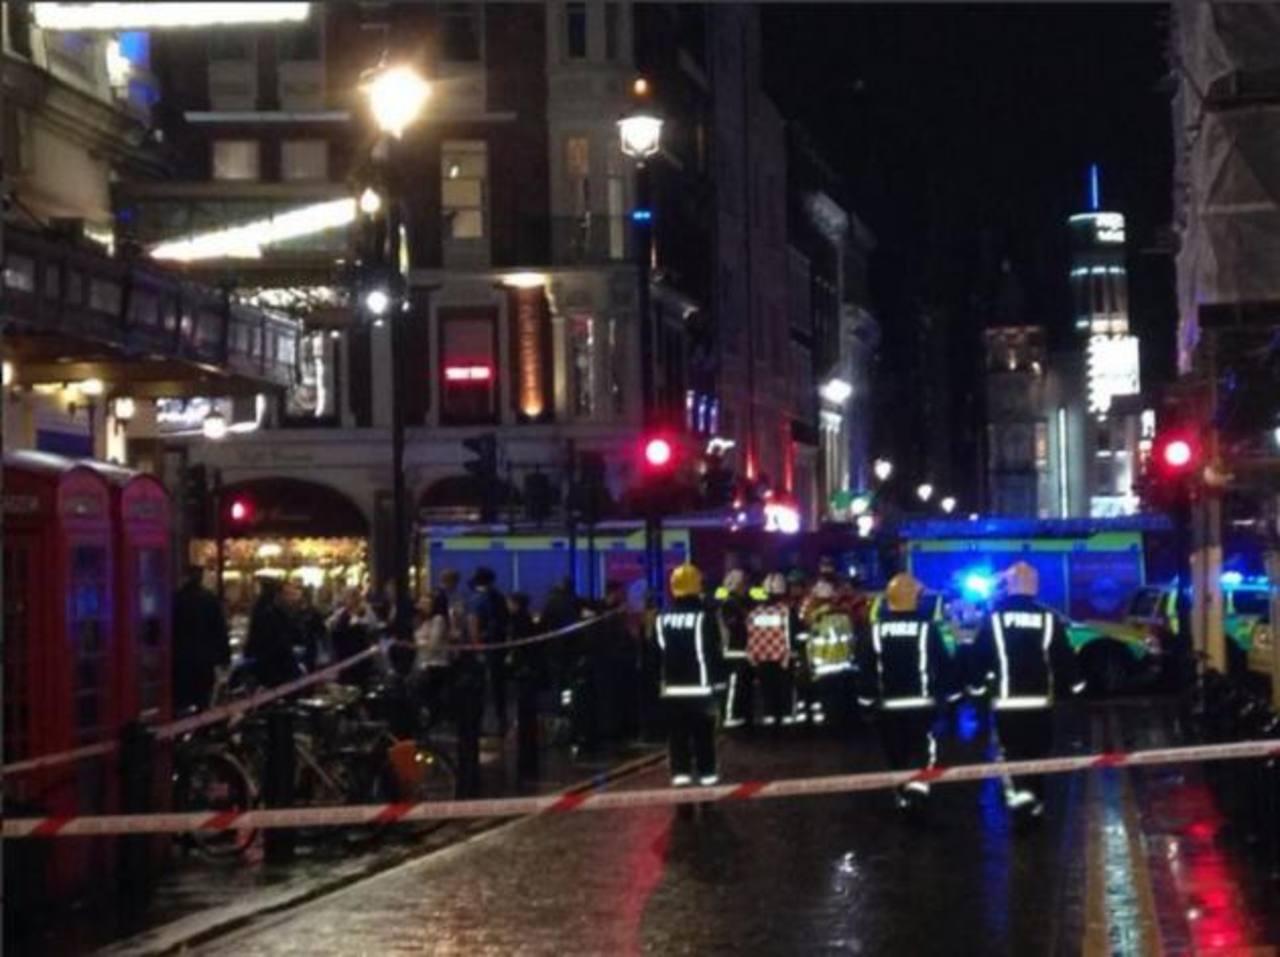 Autoridades londinenses reportan varios heridos, luego que colapsara el techo del teatro Apollo. FOTO vía @ActualidadRT